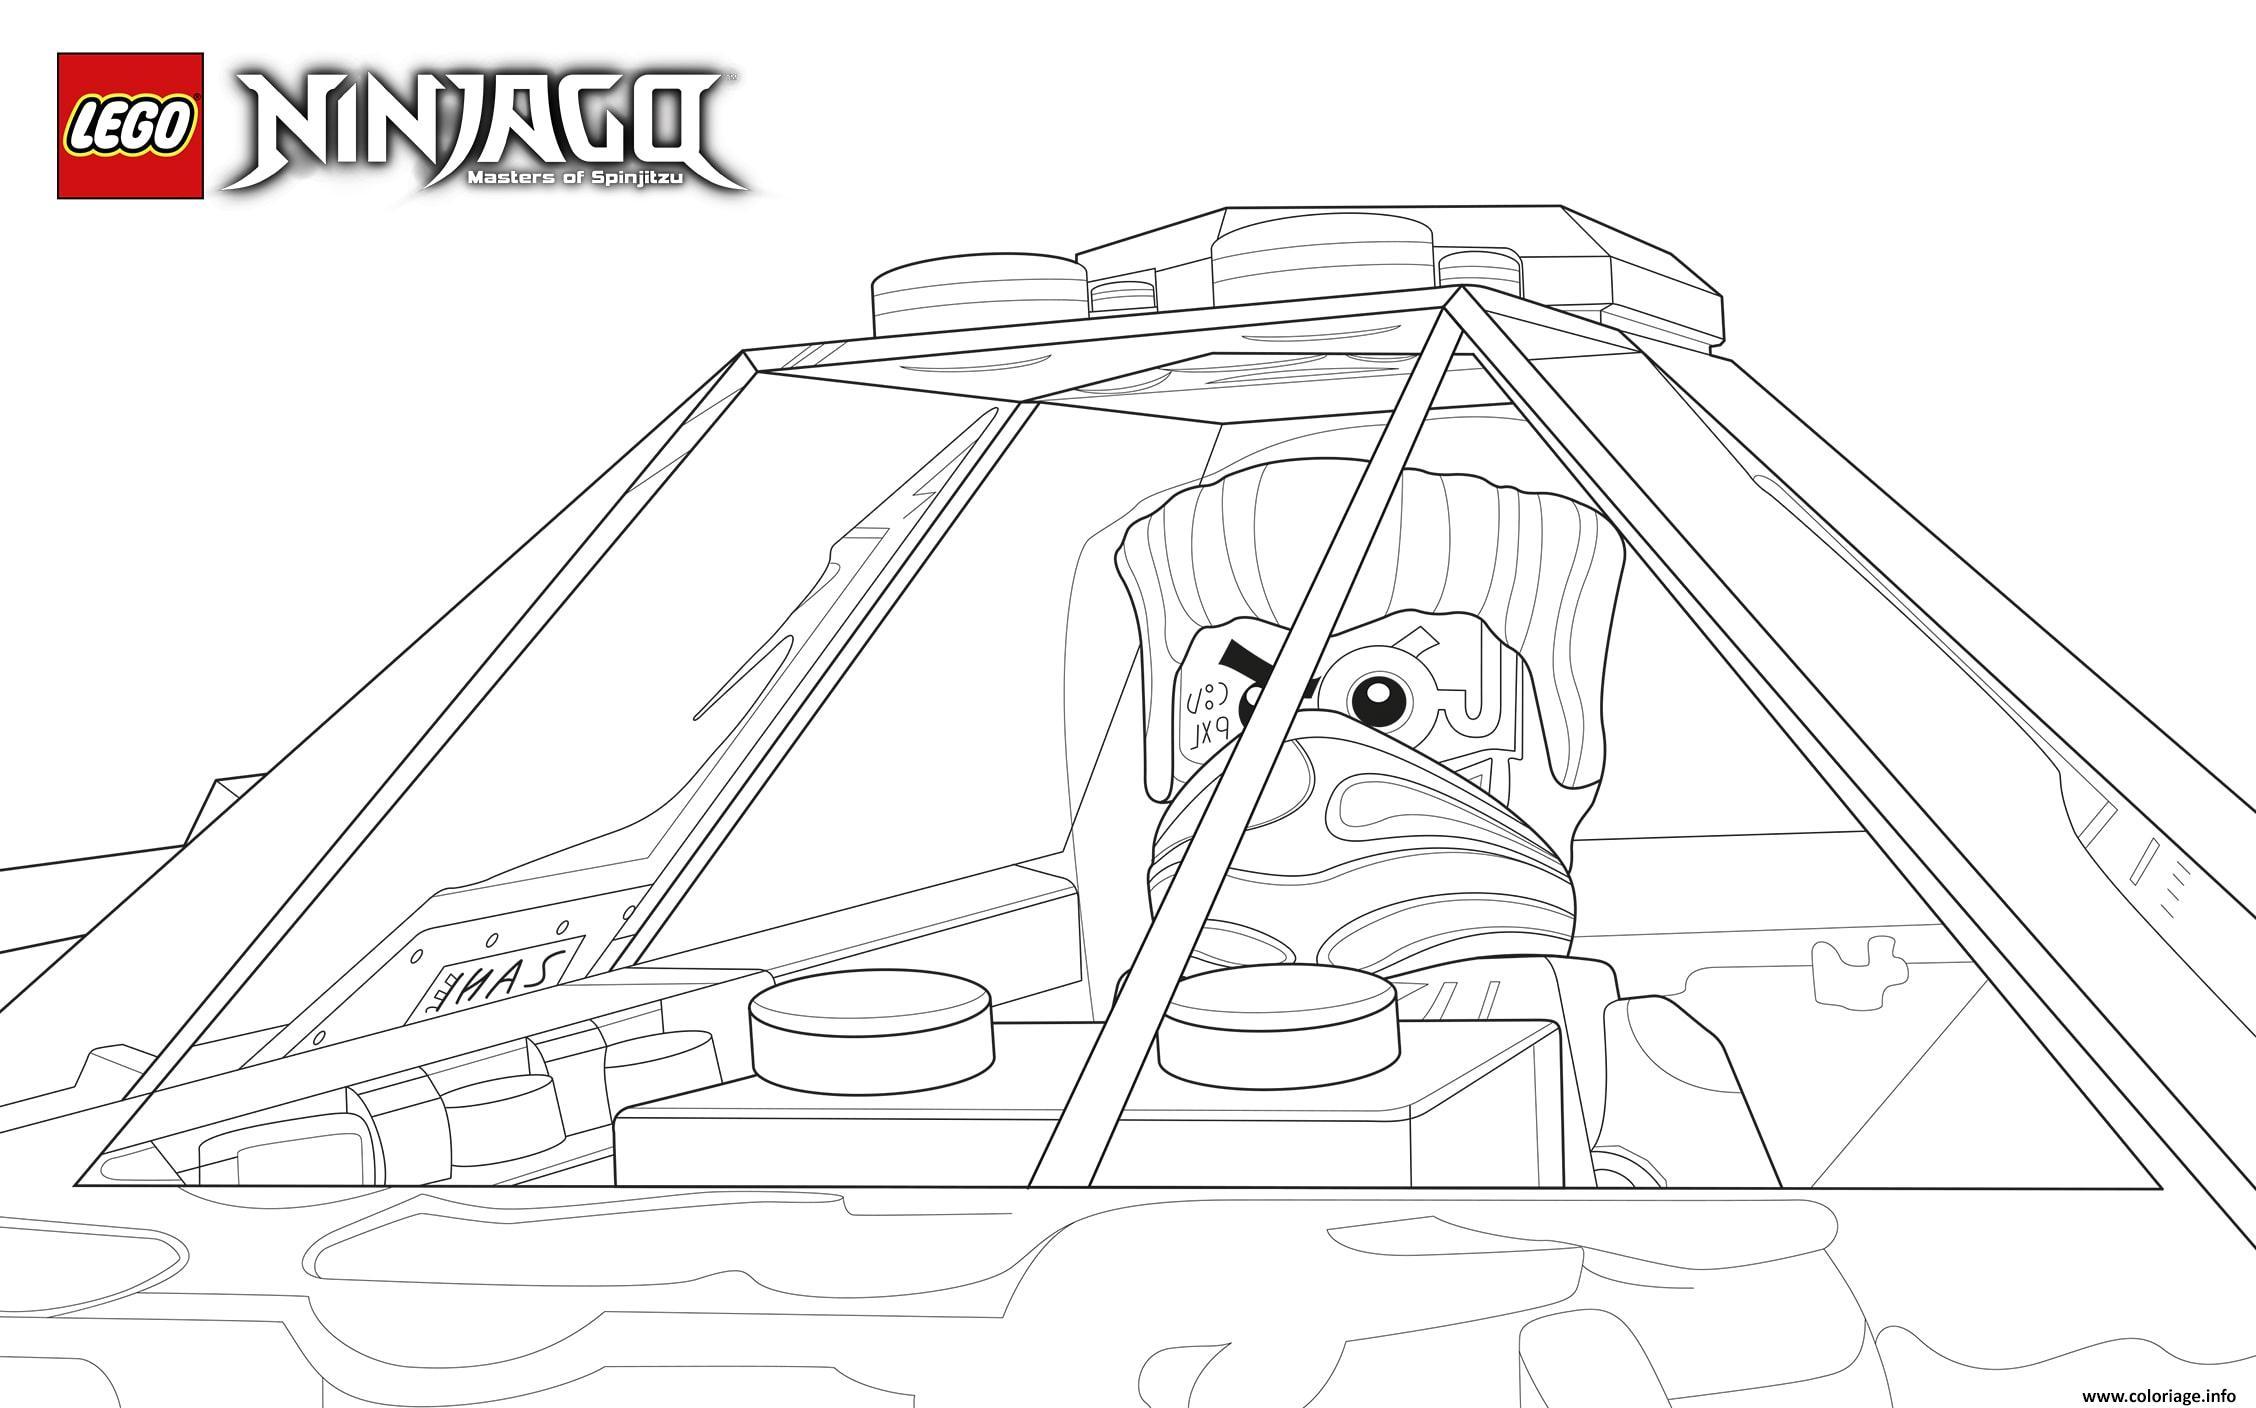 Dessin lego ninjago mechant vehicule Coloriage Gratuit à Imprimer